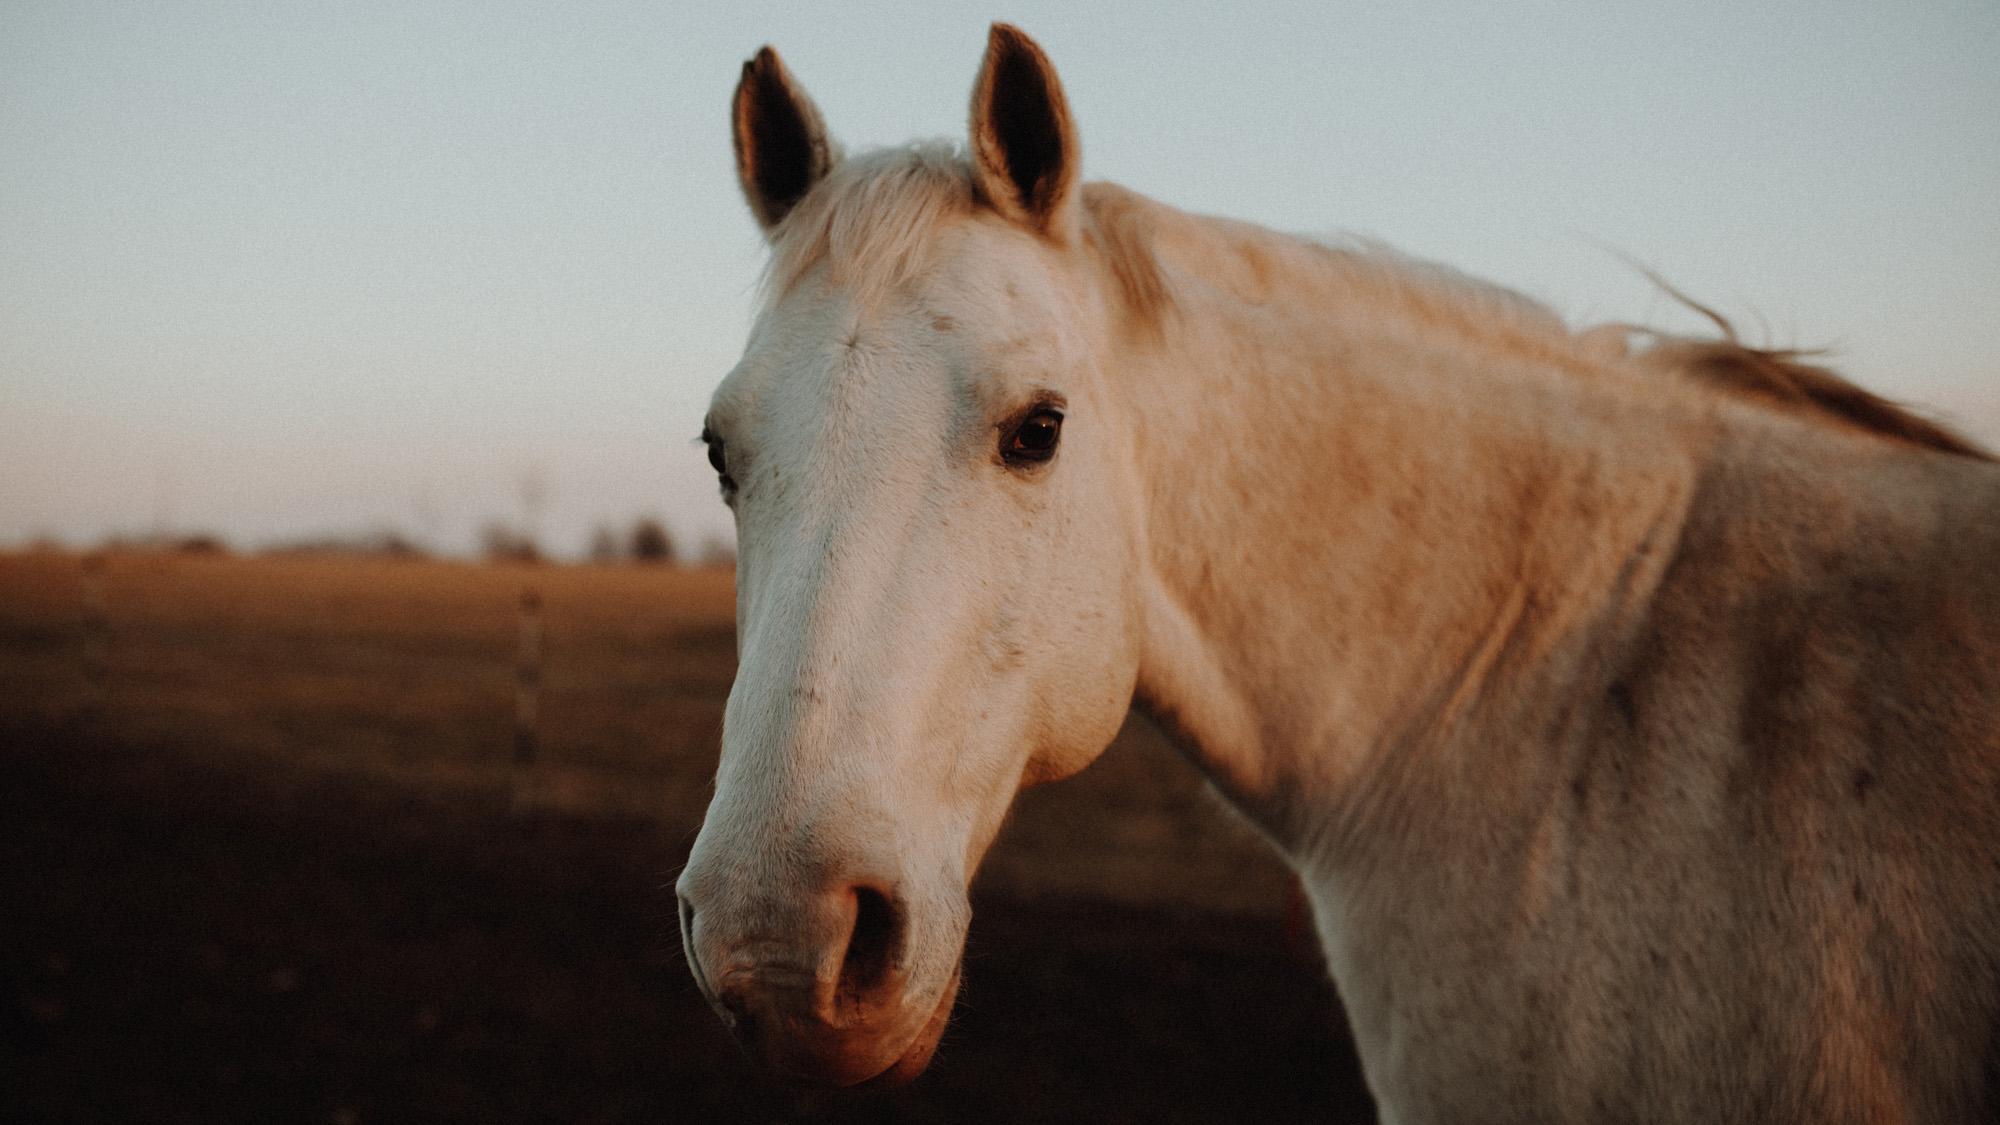 alec_vanderboom_horses_online-0041.jpg